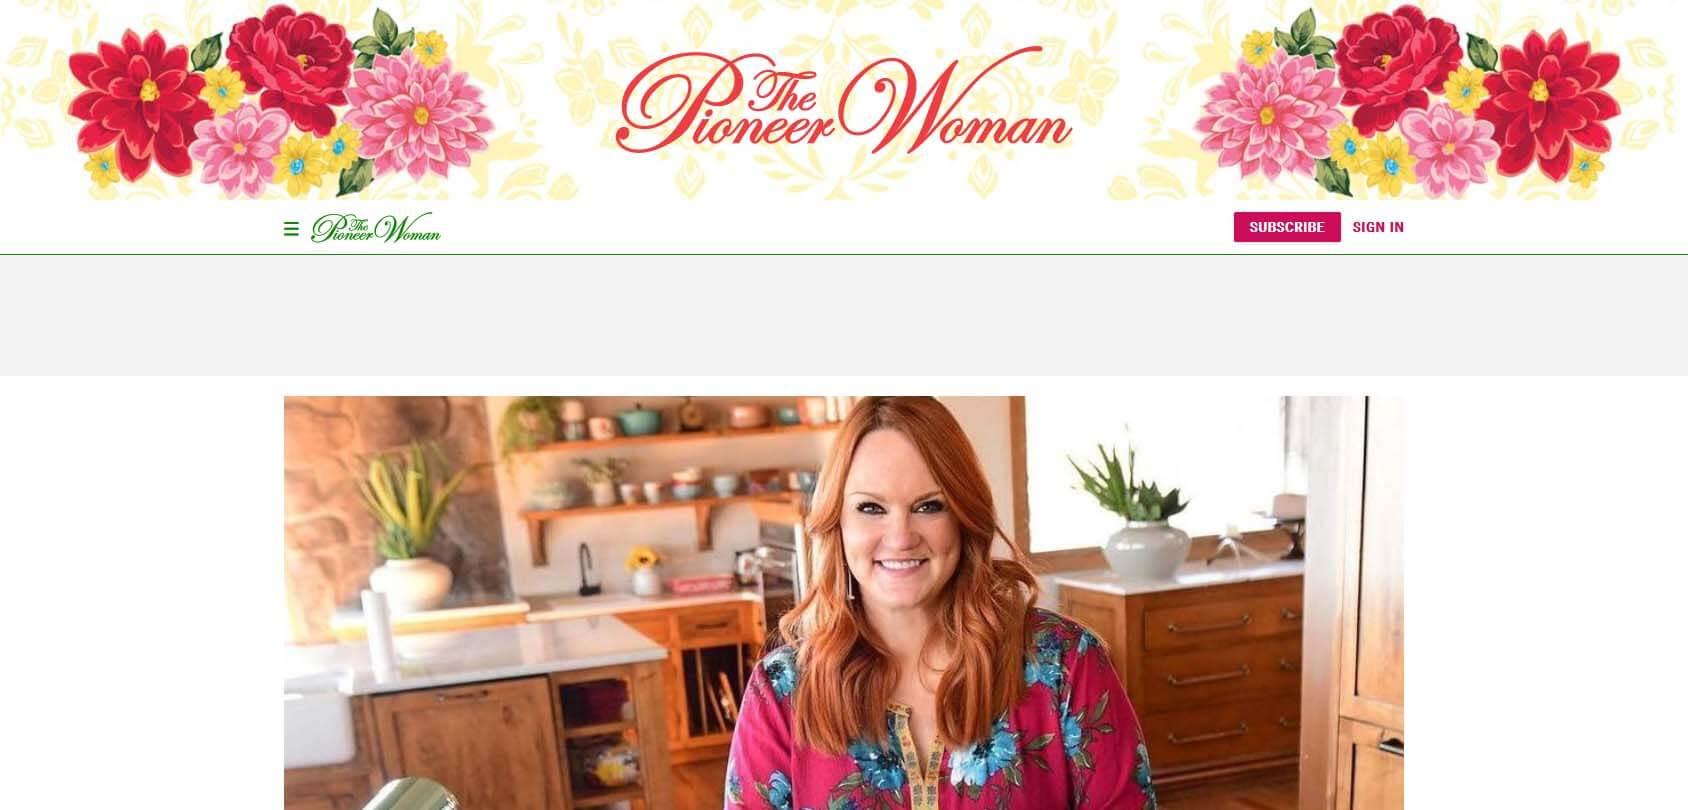 The Pioneer Woman Homepage